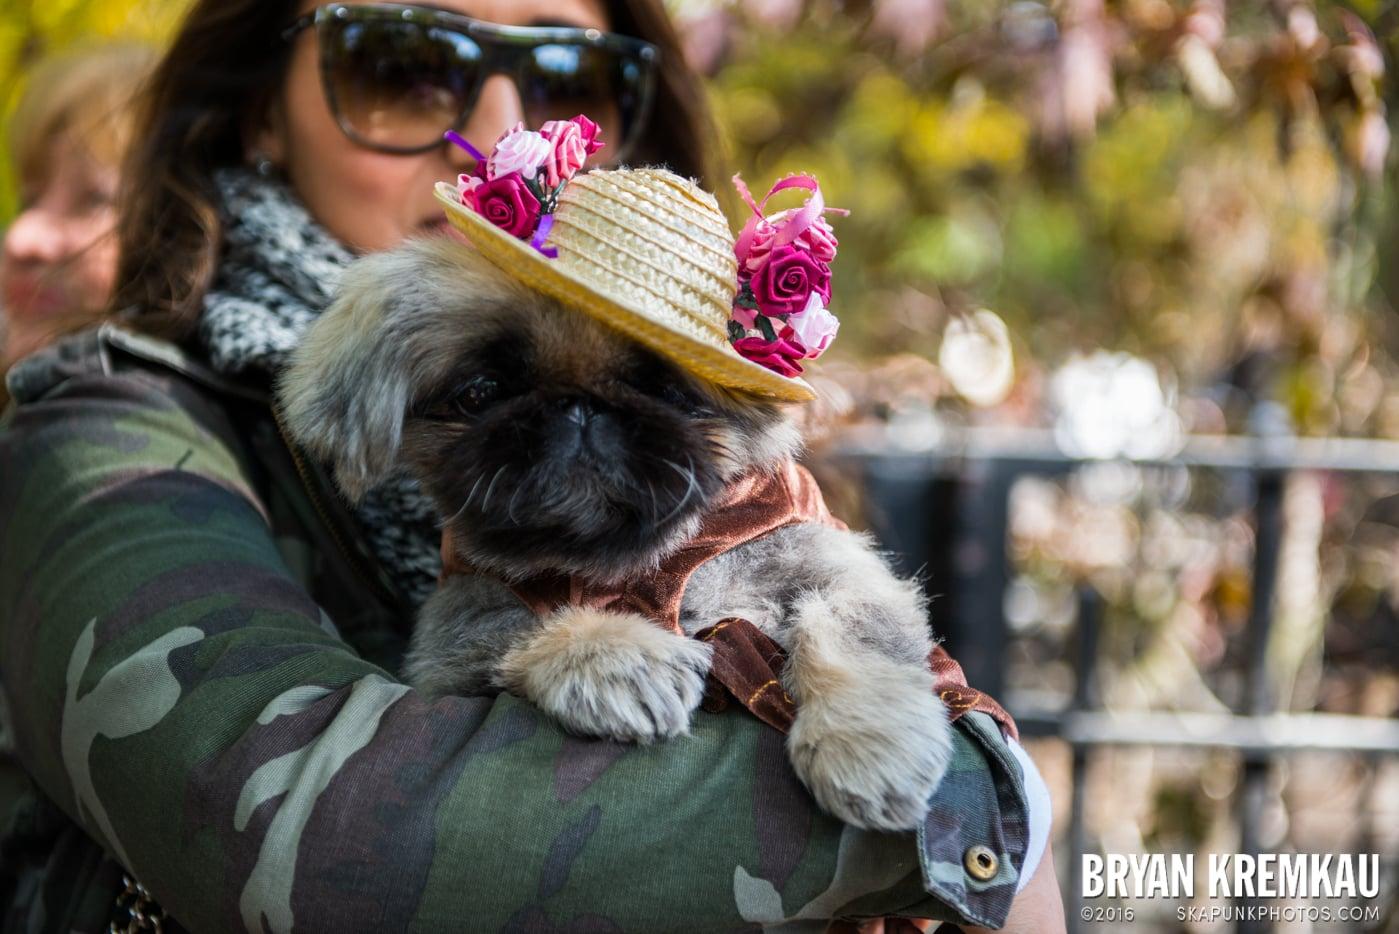 Tompkins Square Halloween Dog Parade 2013 @ Tompkins Square Park, NYC - 10.26.13 (18)